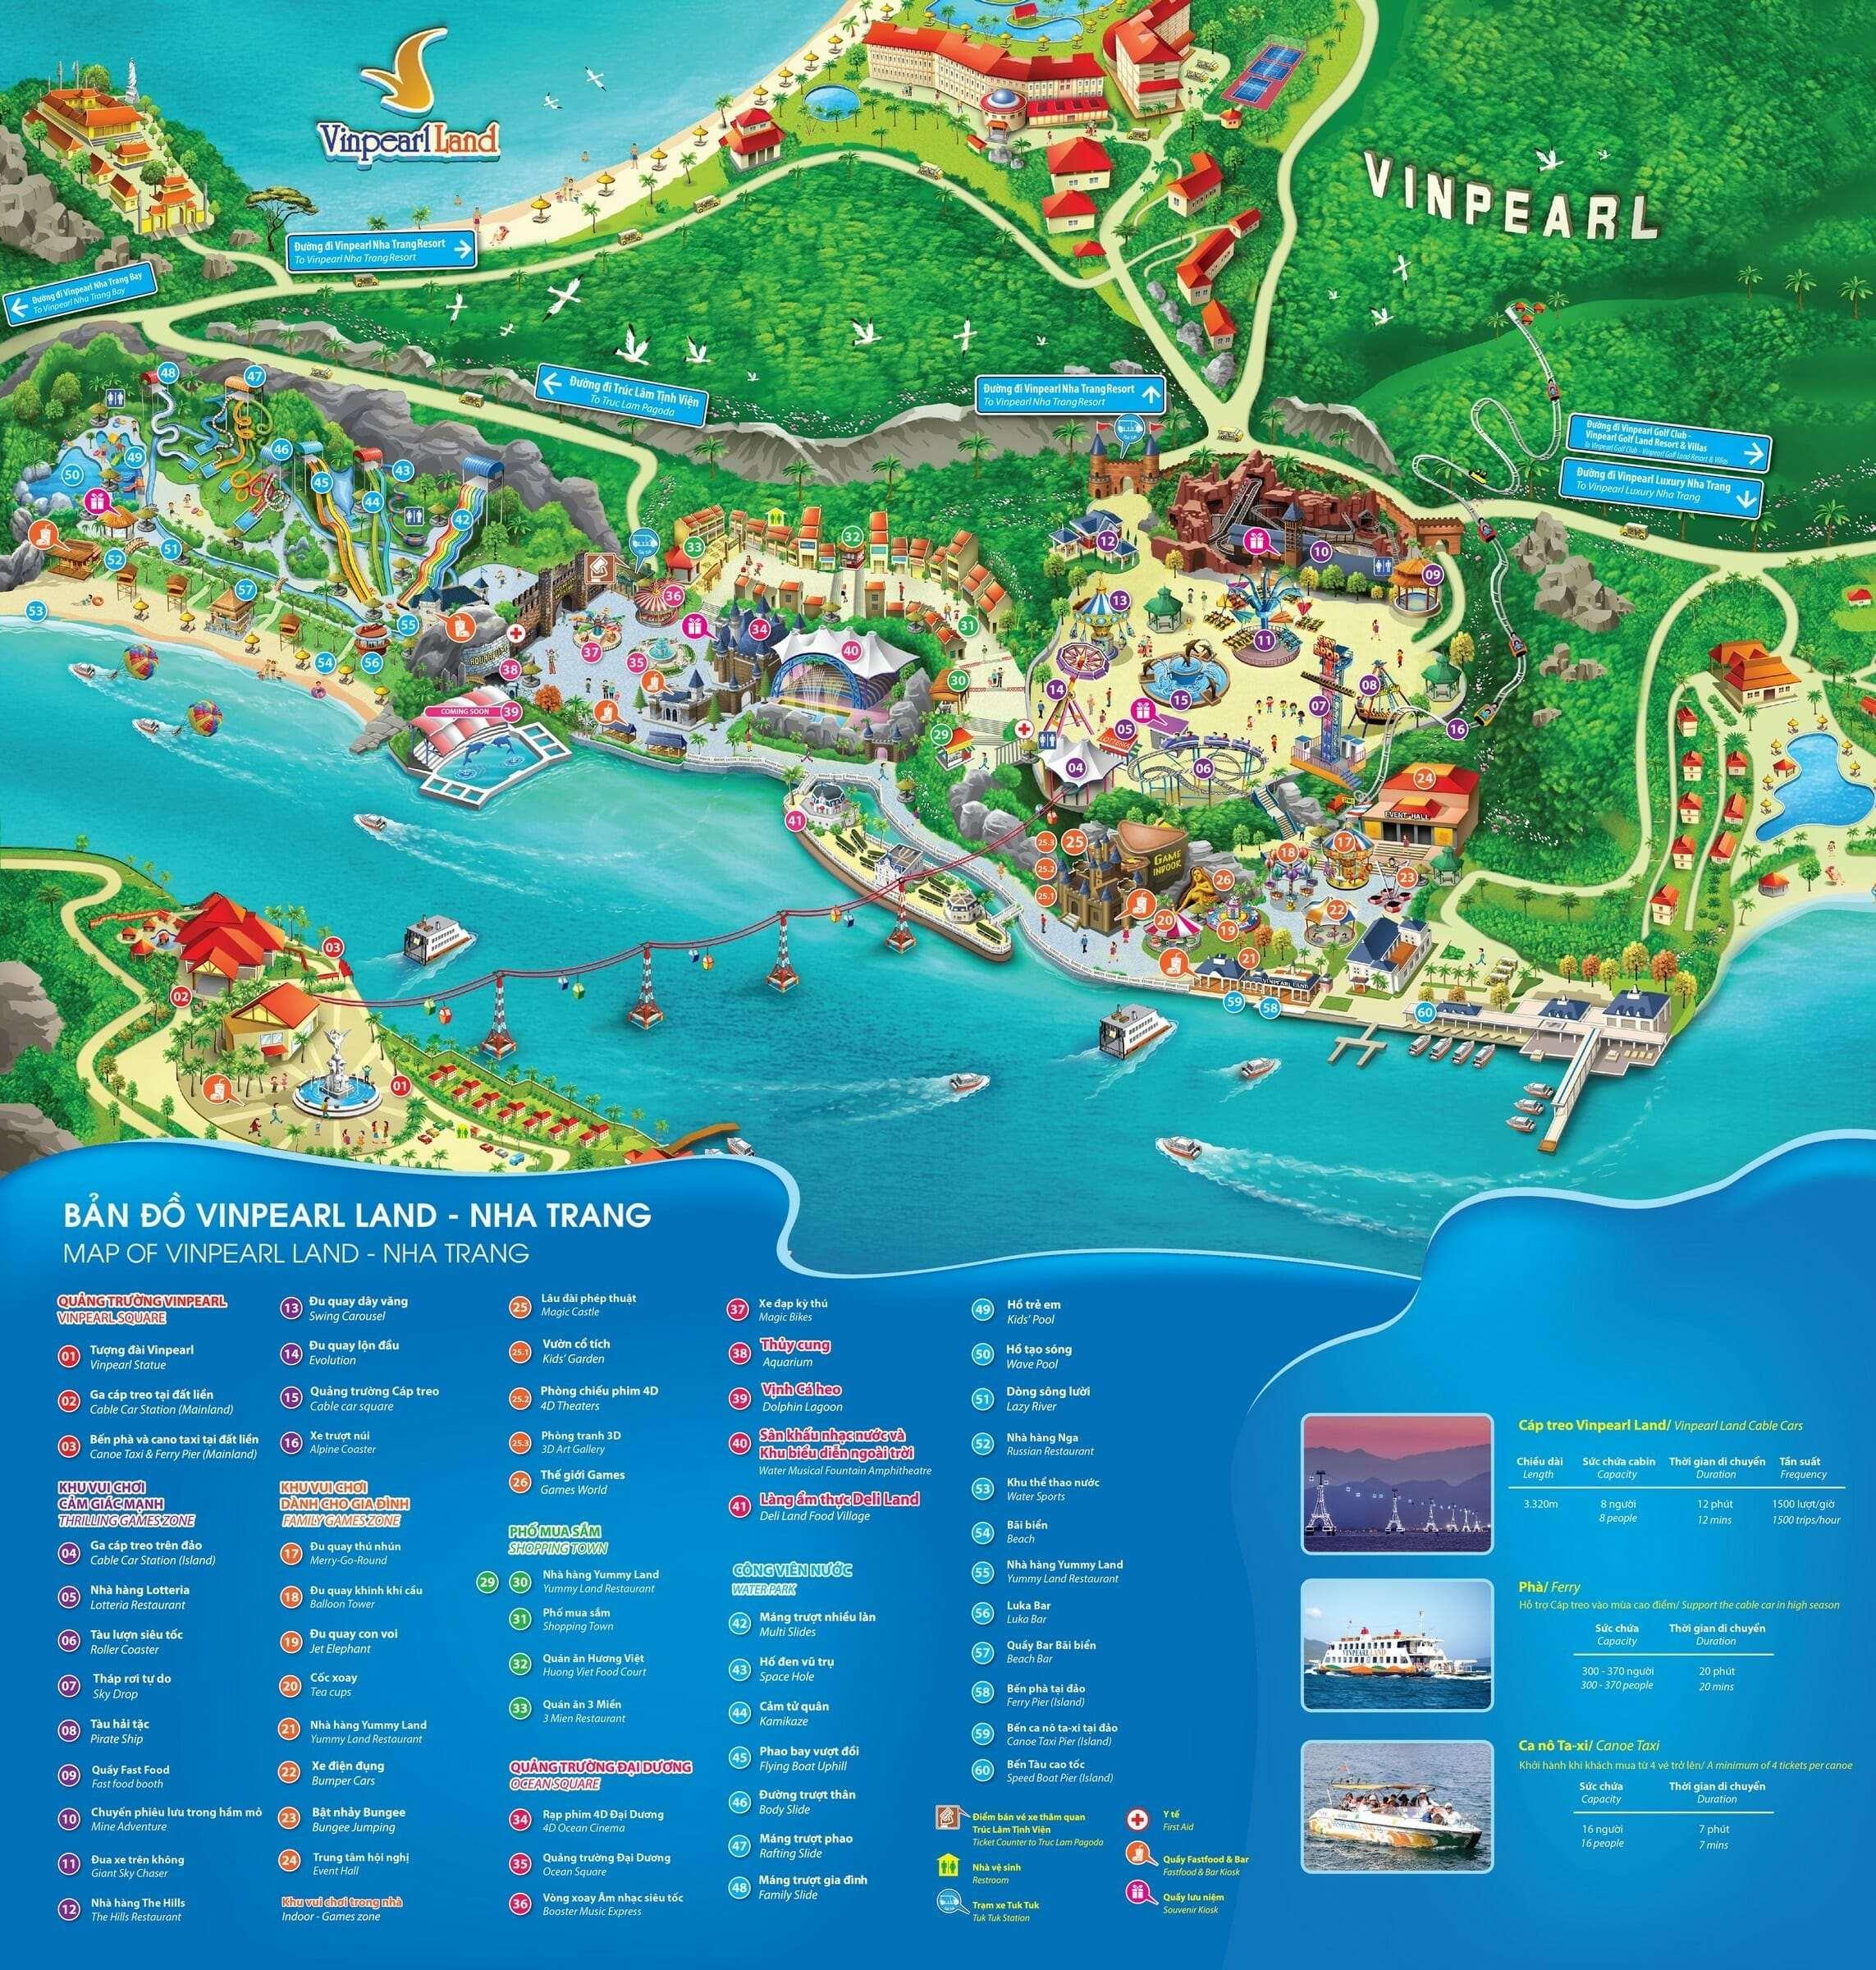 Парк развлечений Винперл карта